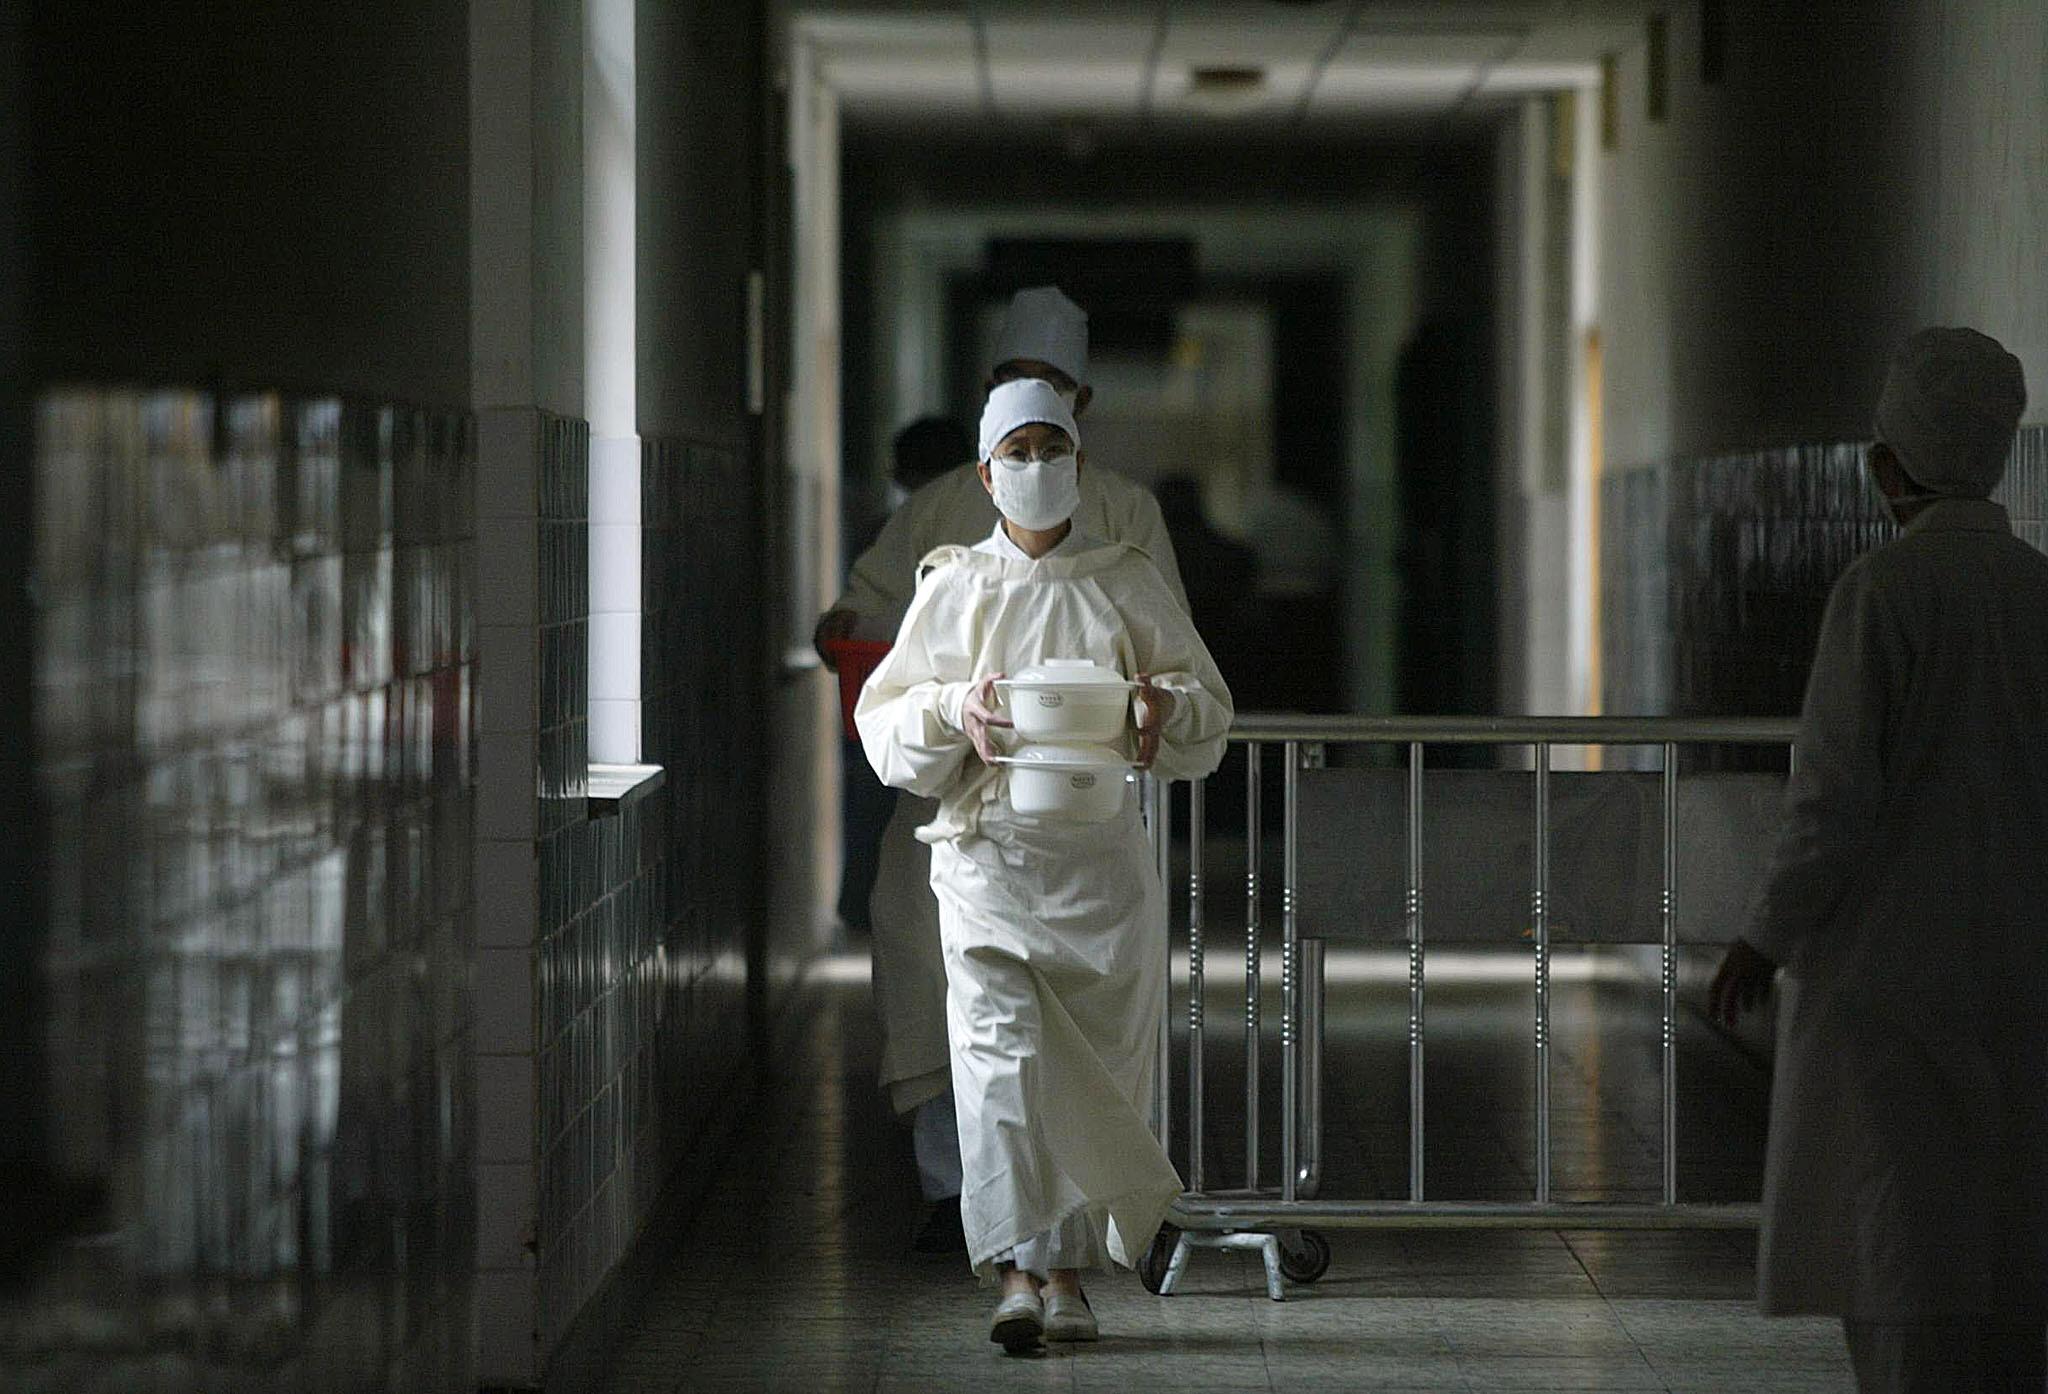 Mais quatro casos detetados de novo tipo de pneumonia na China